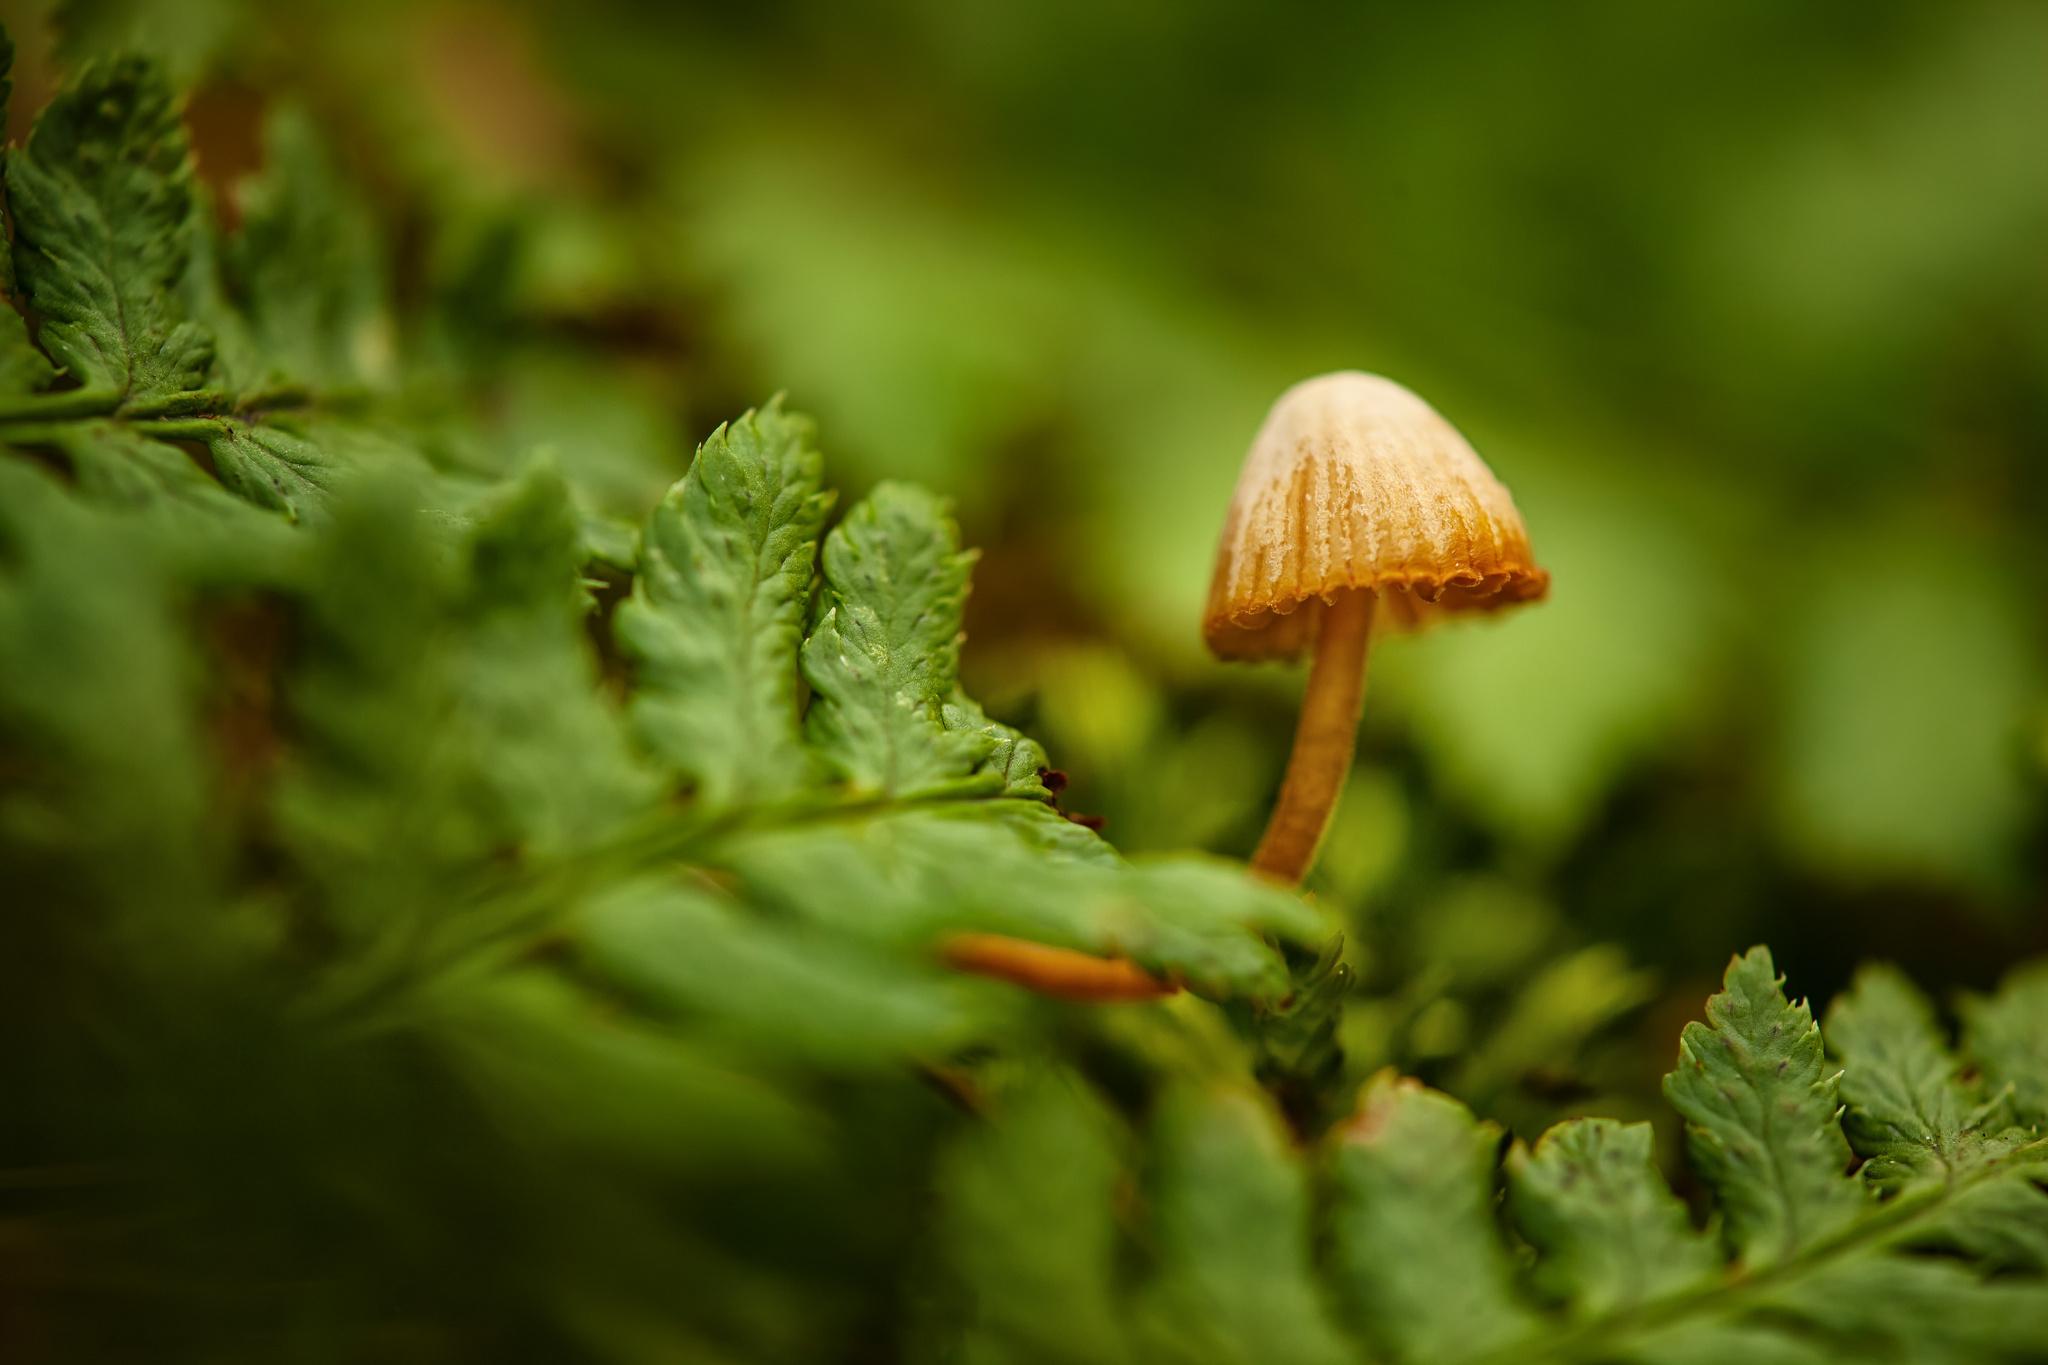 mushroom computer wallpaper 50980